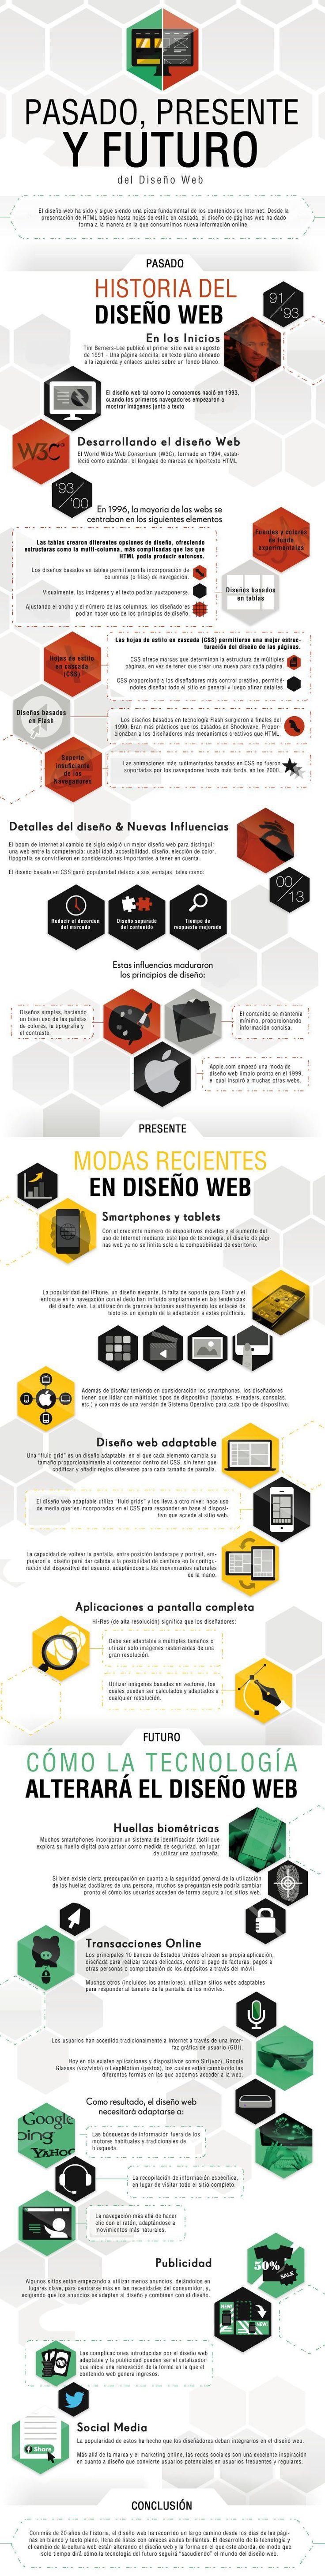 DISEÑO WEB HISTORIA Y FUTURO #INFOGRAFIA #INFOGRAPHIC #DESIGN